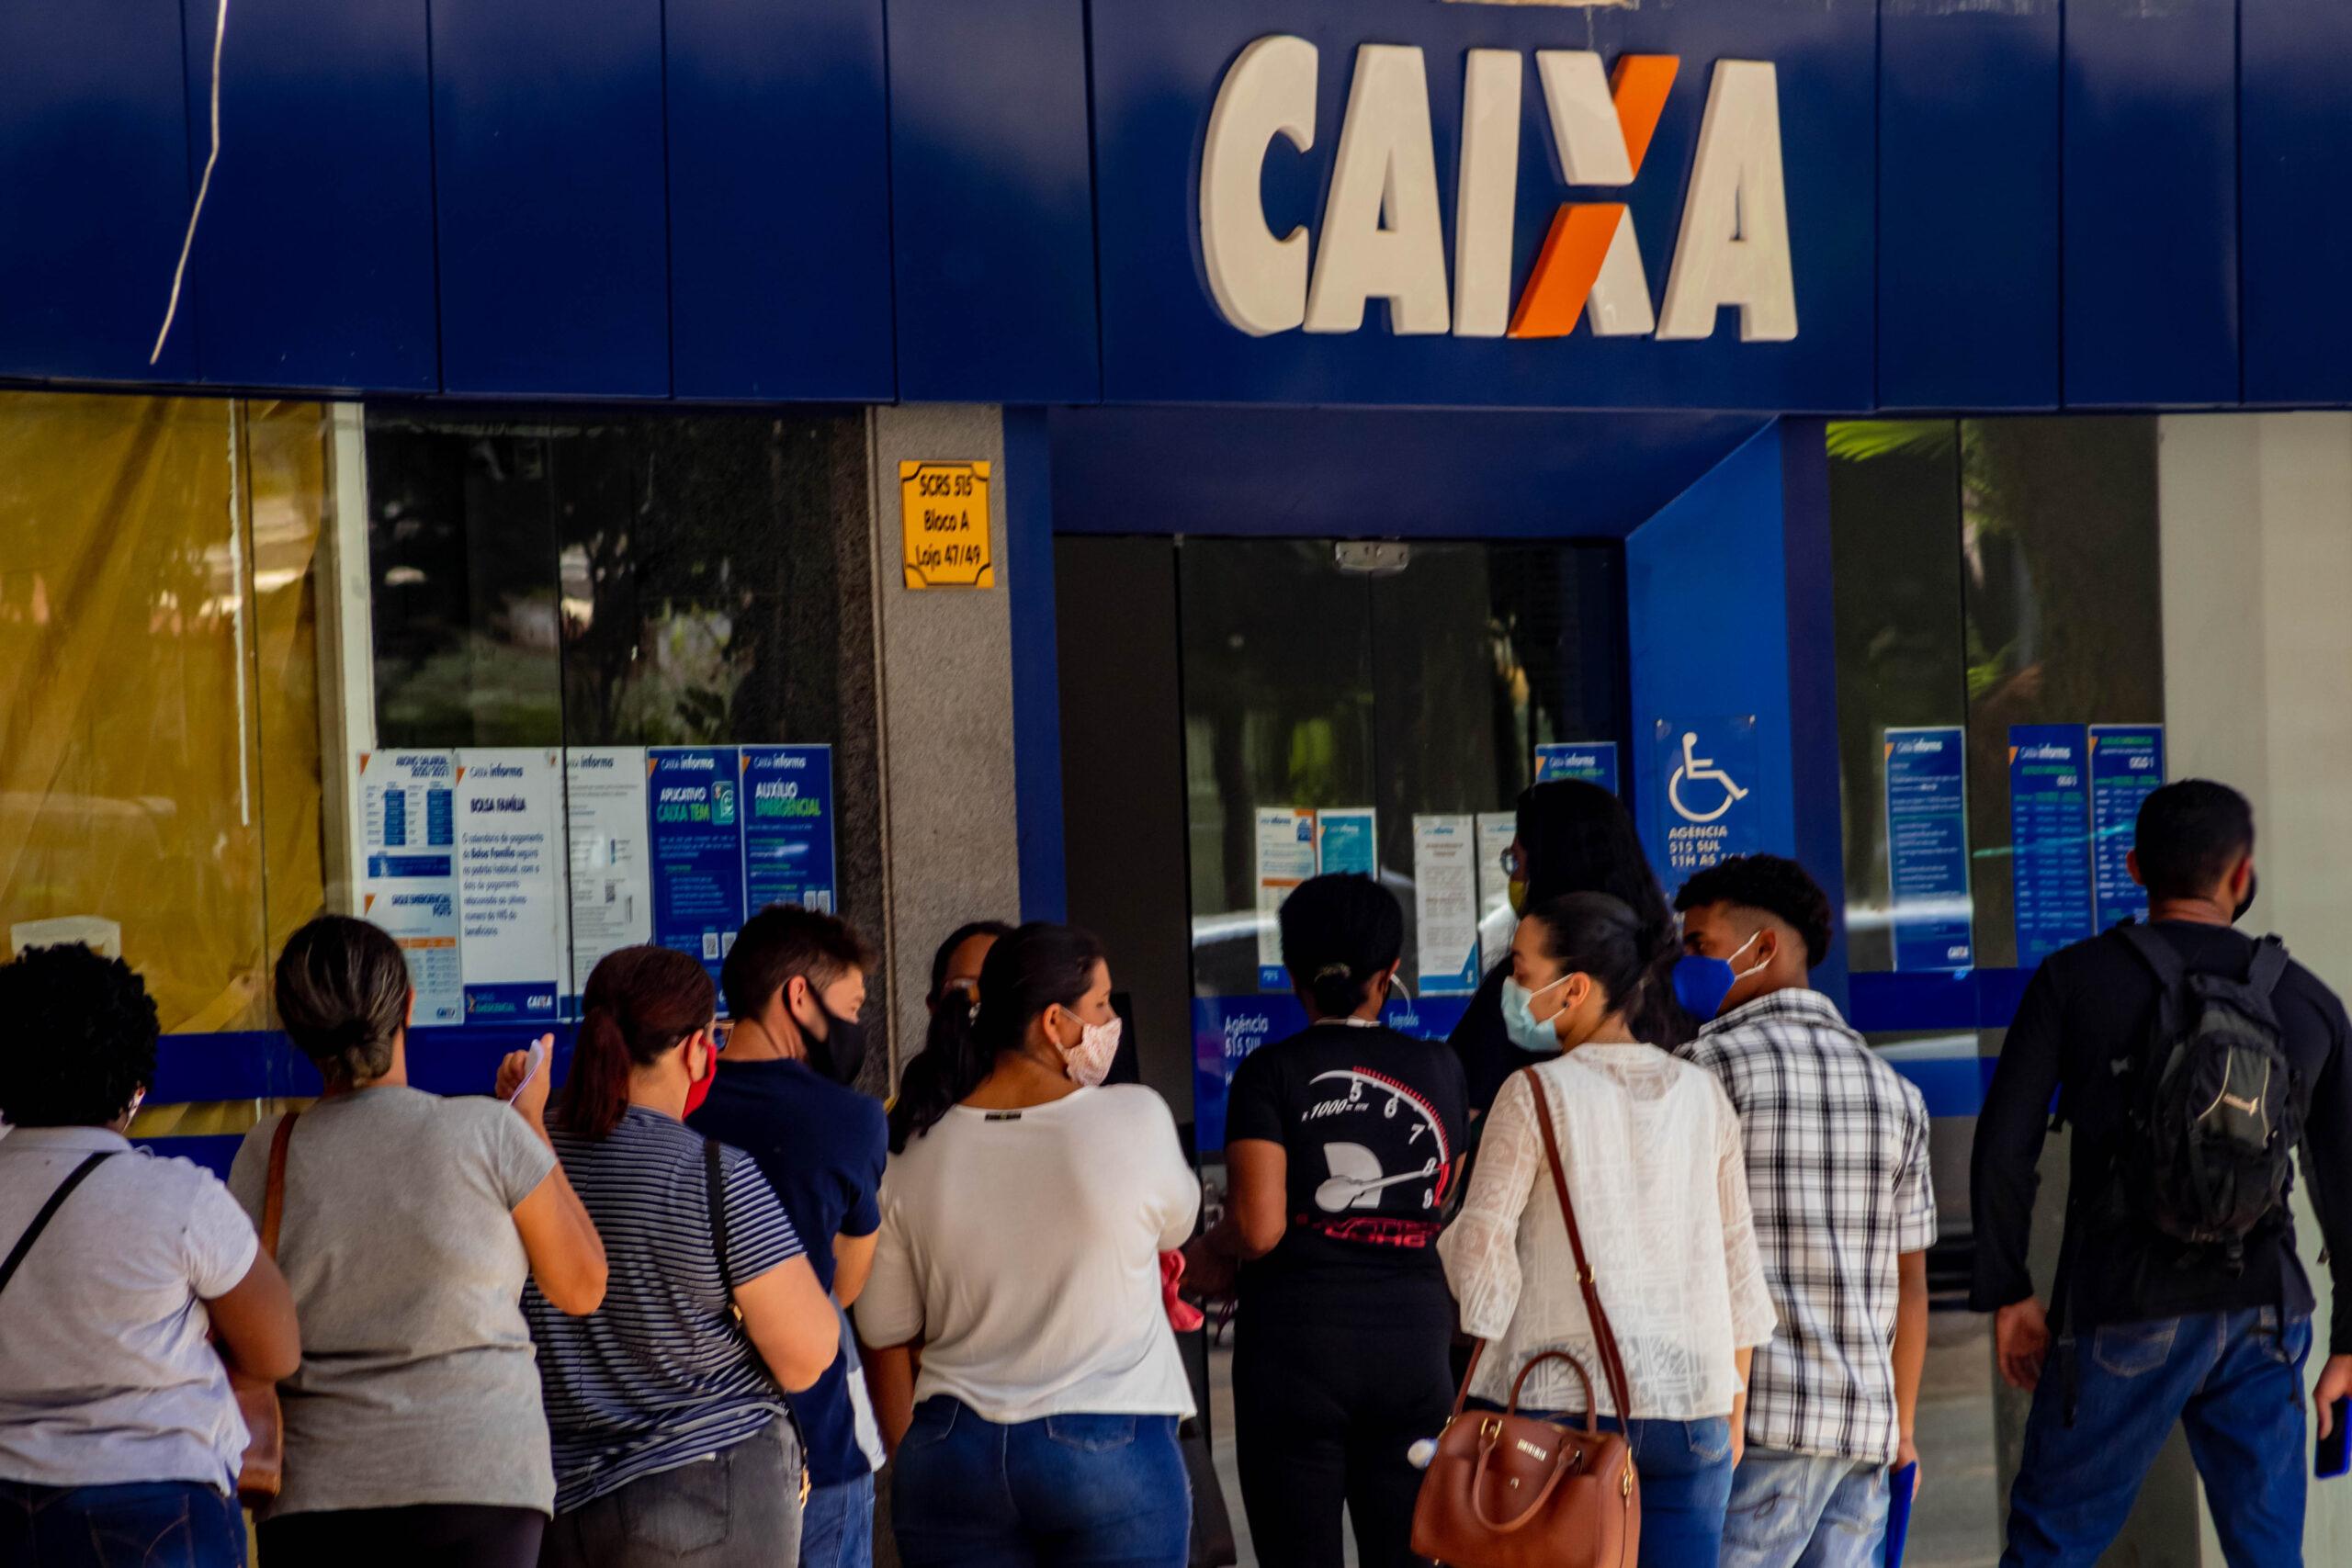 Fila de pessoas em frente ao banco da Caixa Econômica Federal ilustrando quem vai ao banco para resolver detalhes do auxílio emergencial